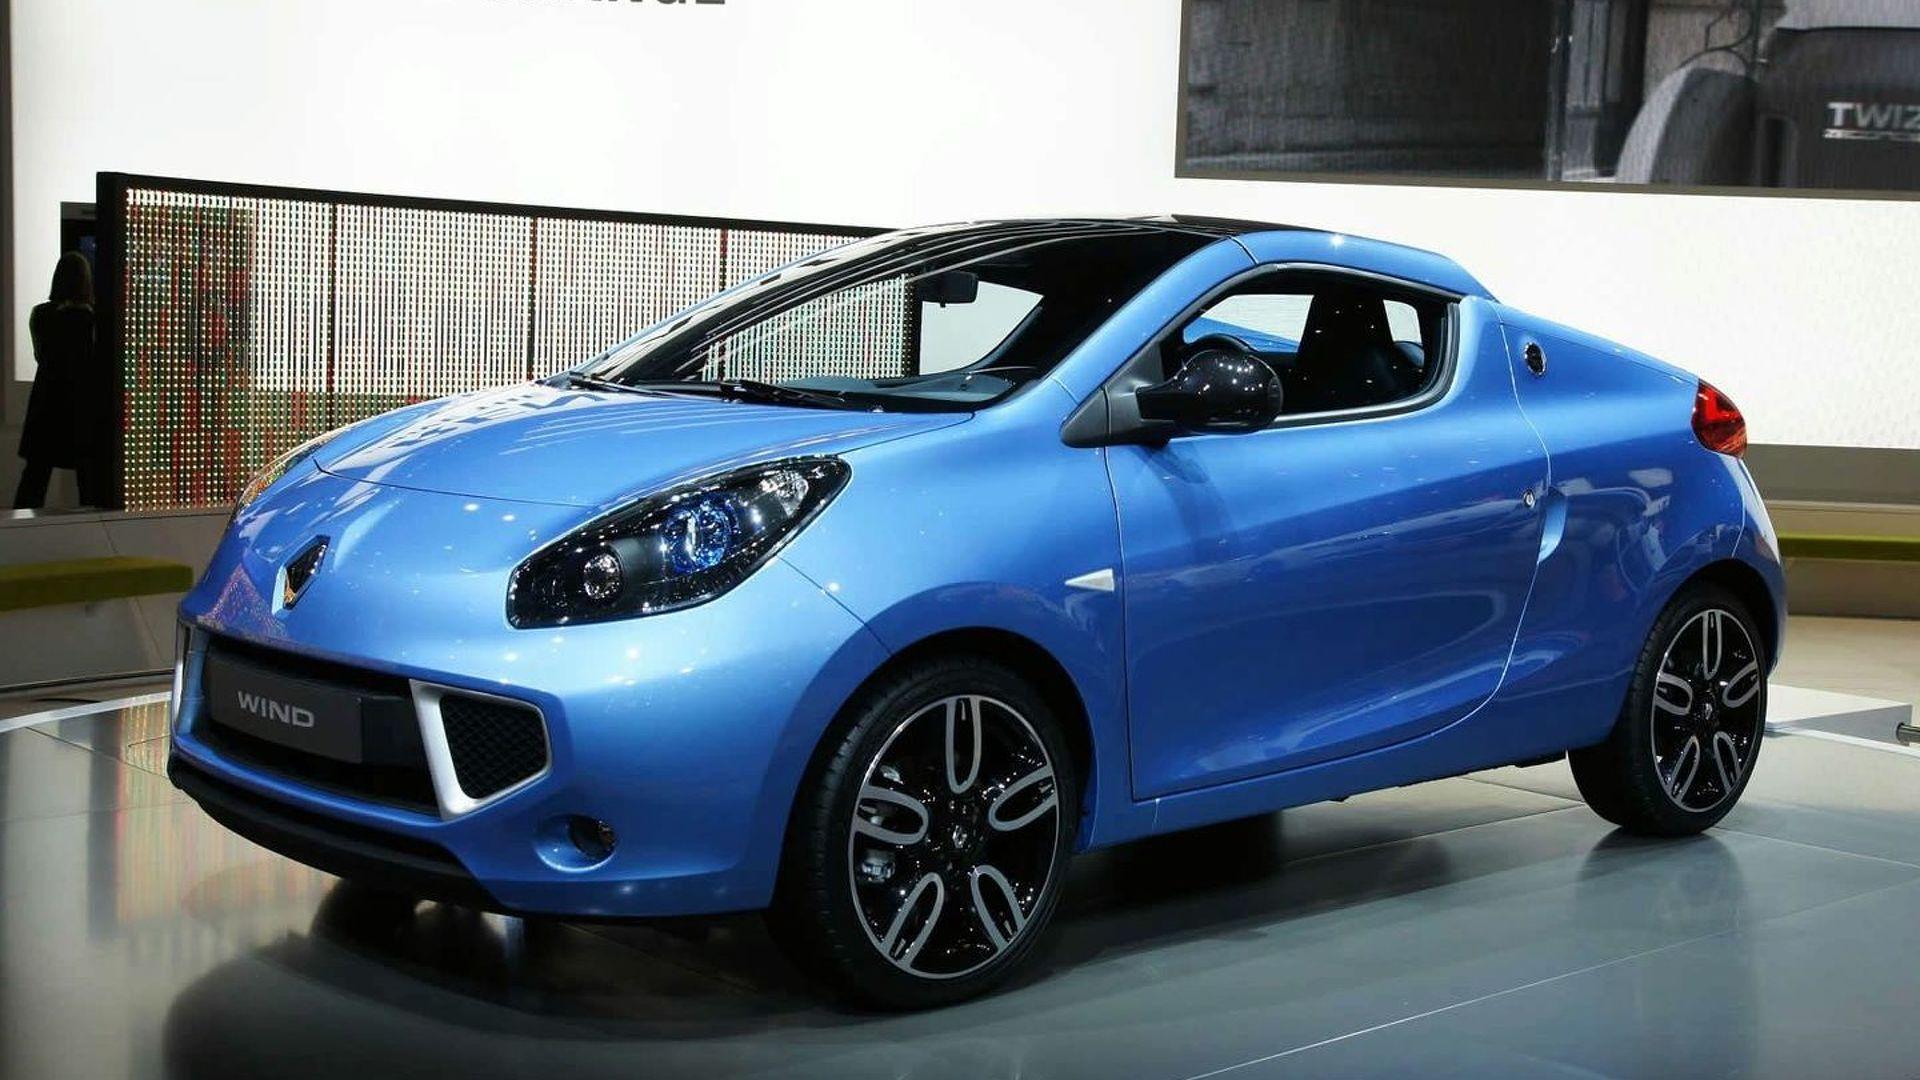 Renault Breaks Wind Within Geneva Halls